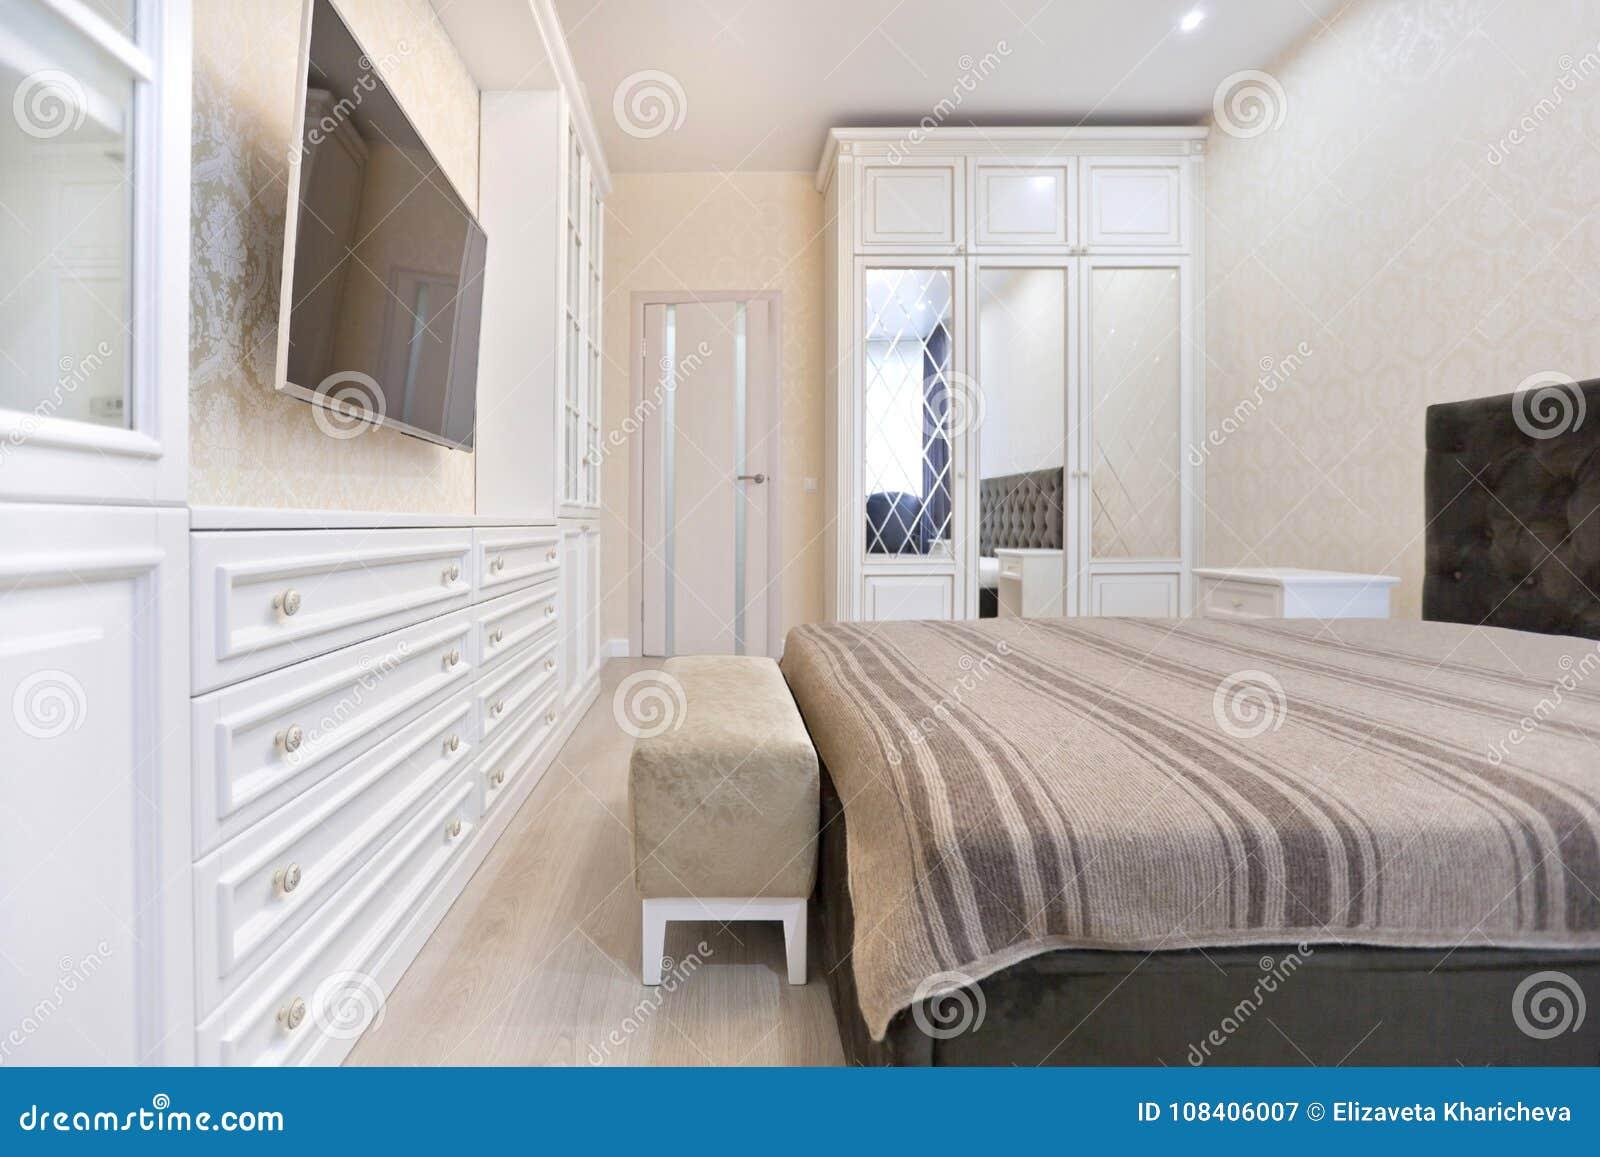 Kleuren Voor Slaapkamer : Slaapkamer in lichte kleuren met donker bed en tv meubilair stock